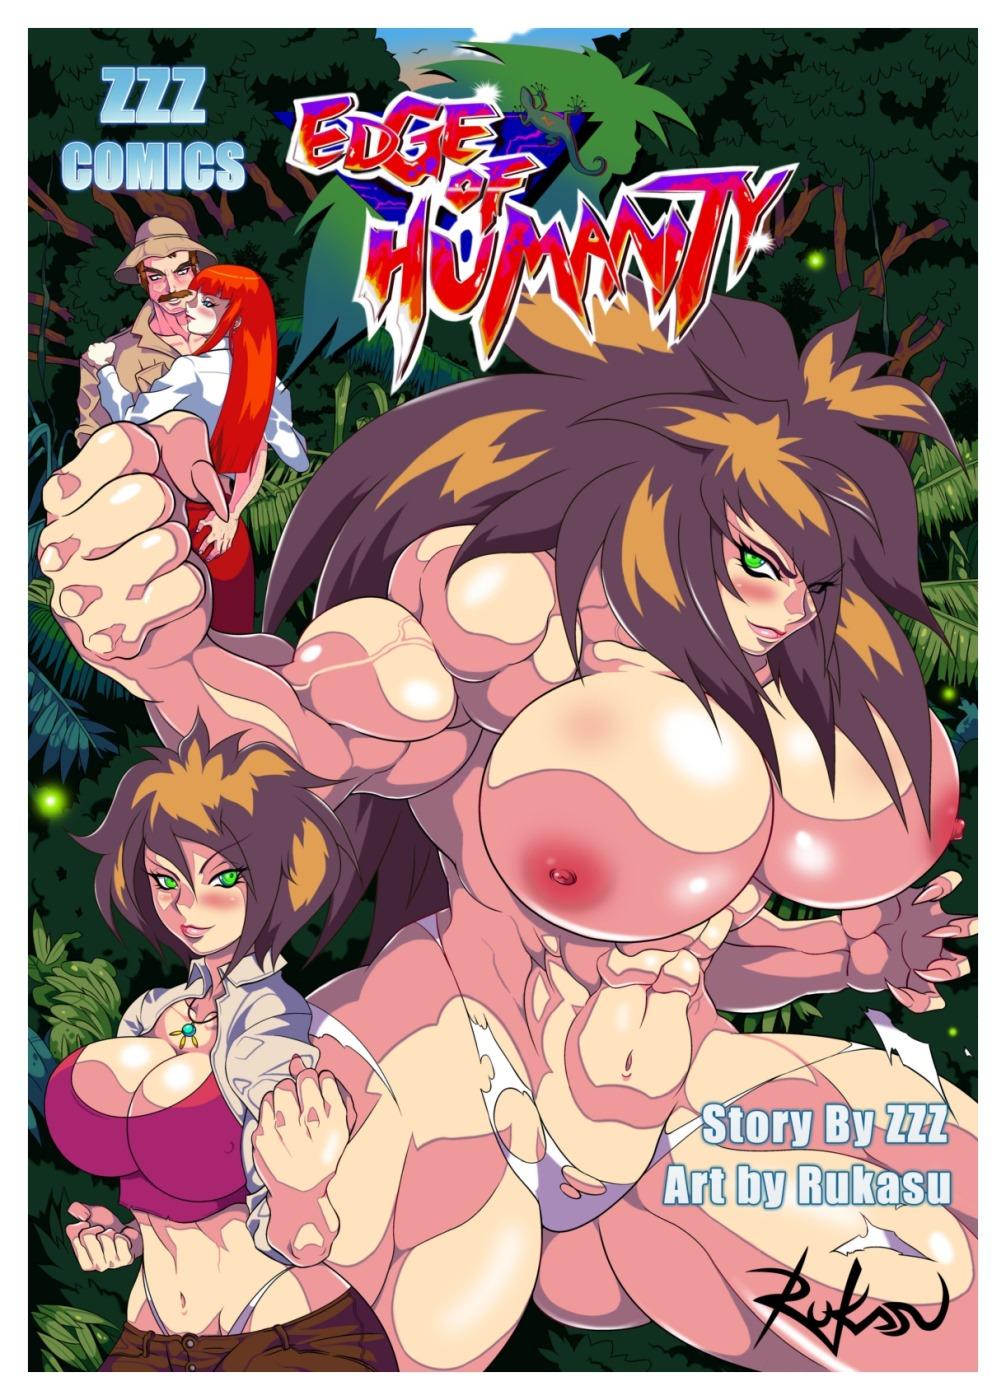 Porn Comics - Edge of Humanity 01- ZZZ porn comics 8 muses